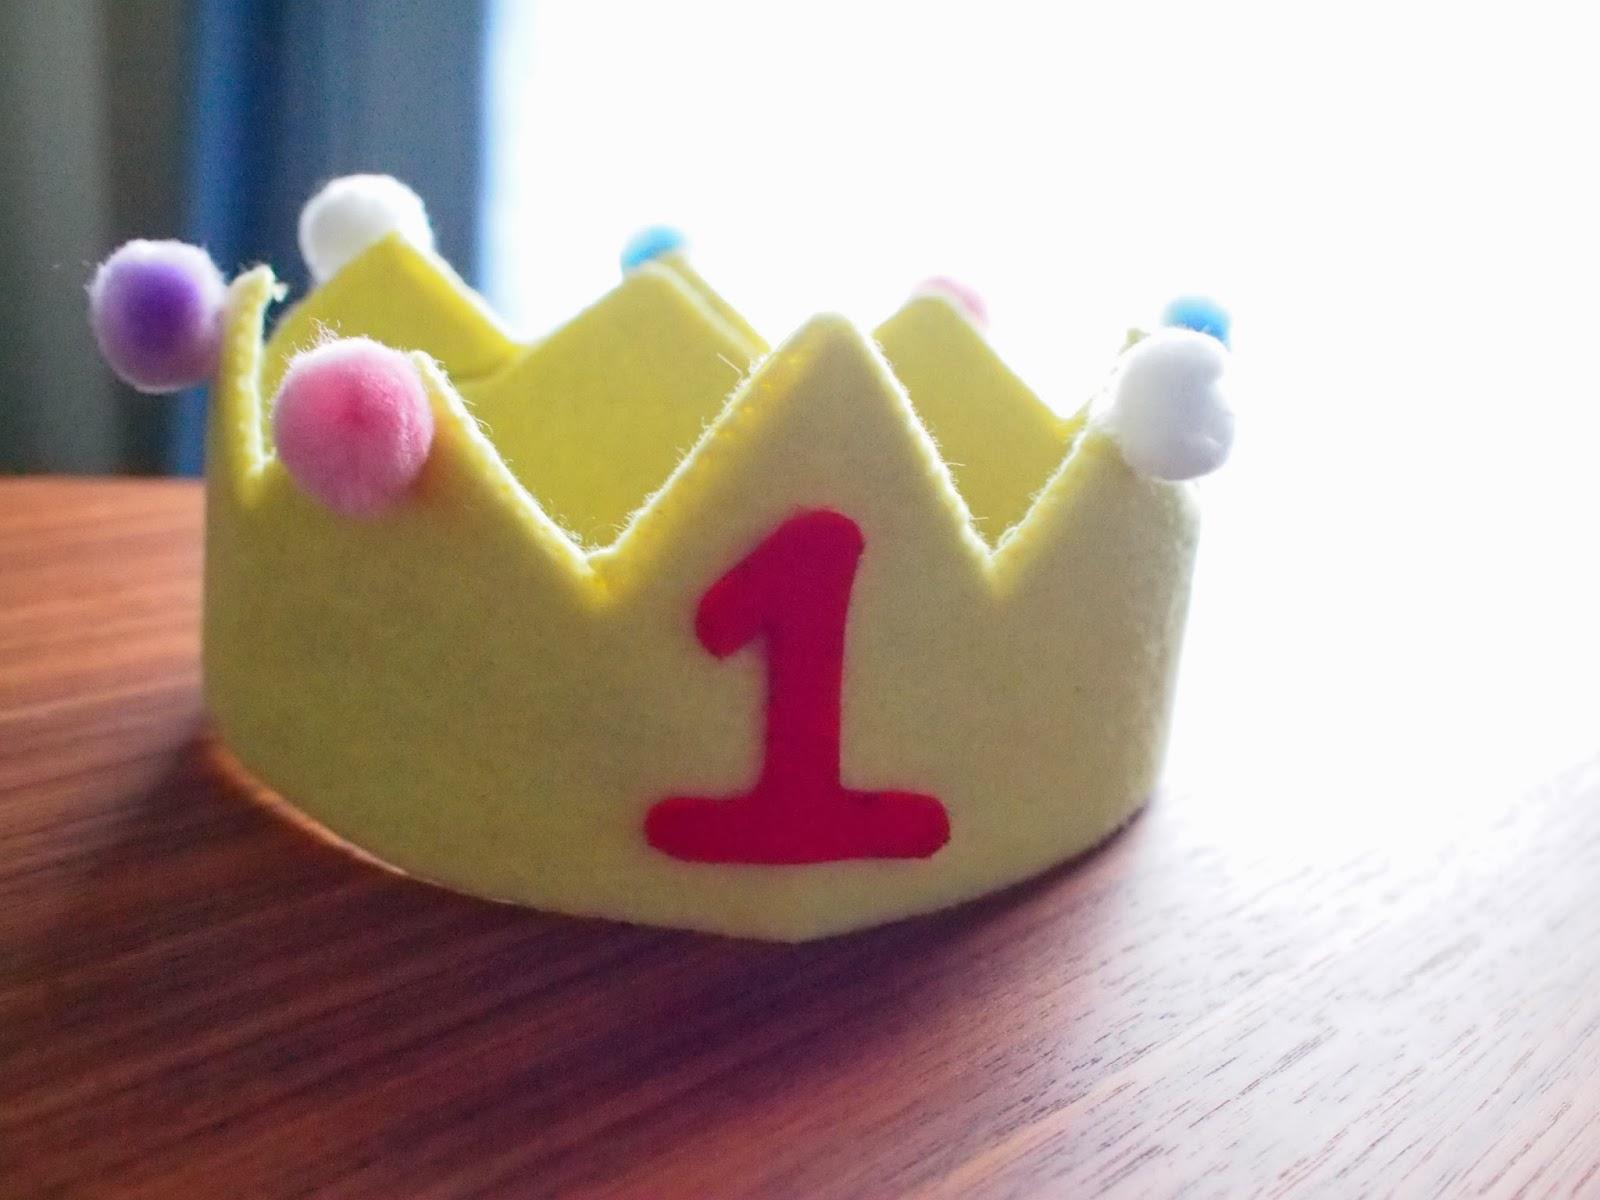 りっくんと楽しむ 八王子で子育て: 手作り 王冠